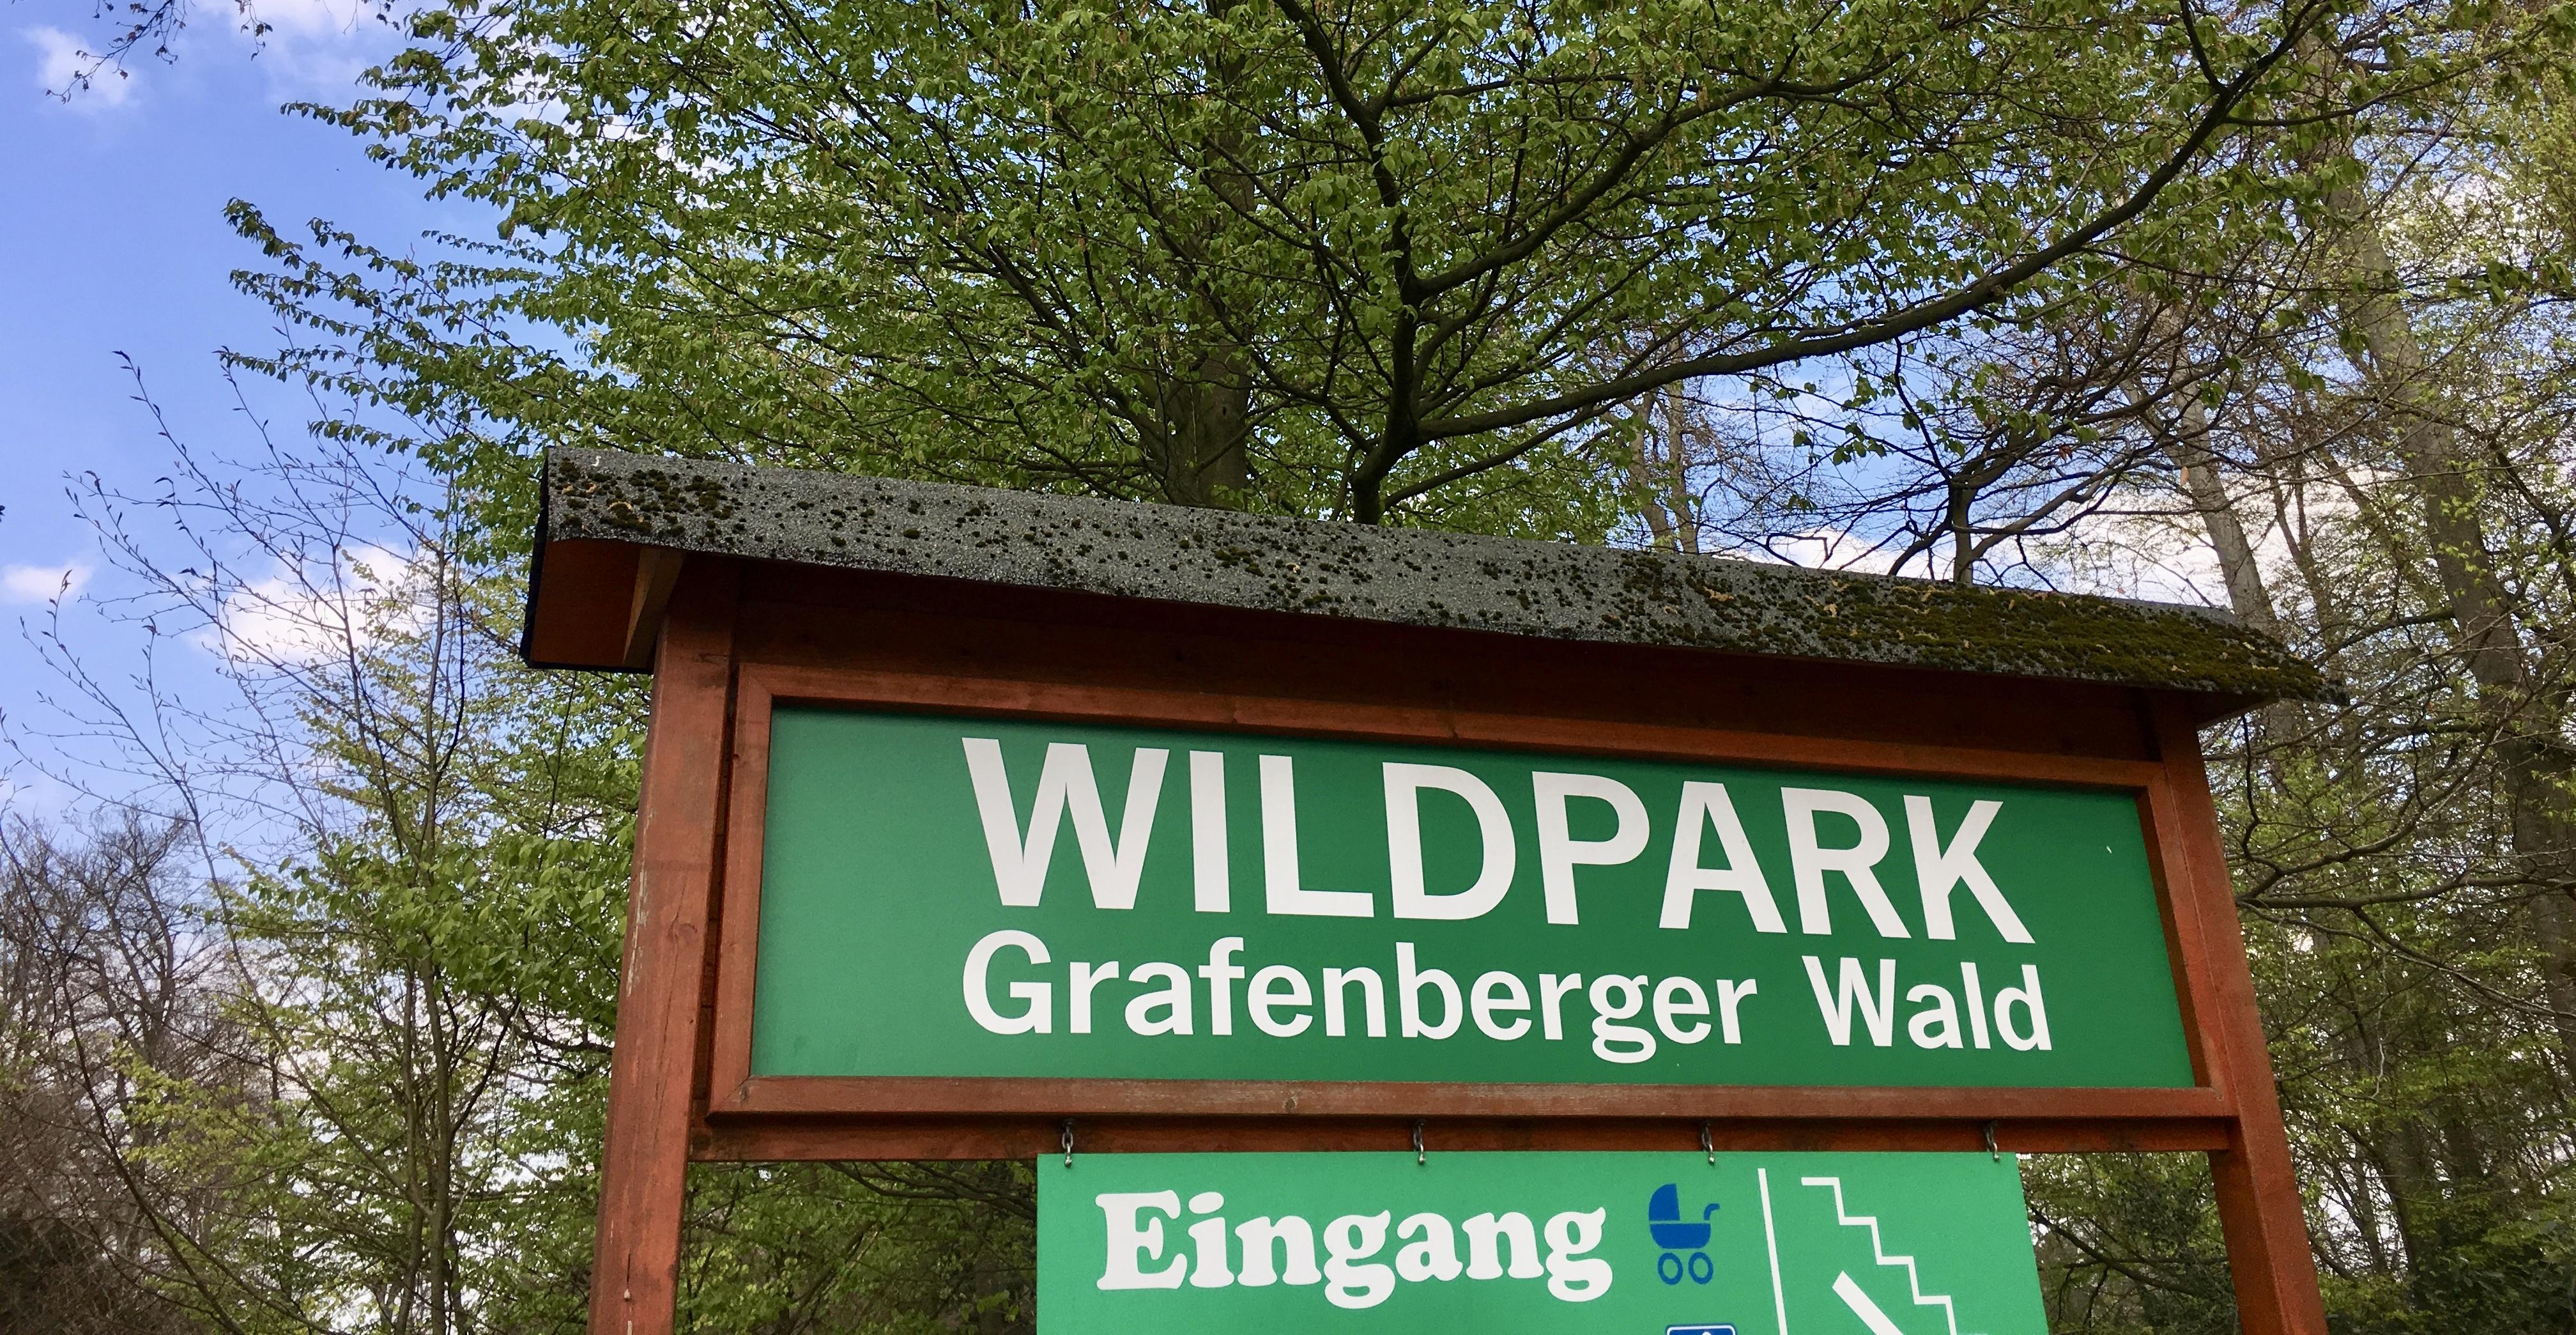 Wildpark im Grafenberger Wald, Düsseldorf